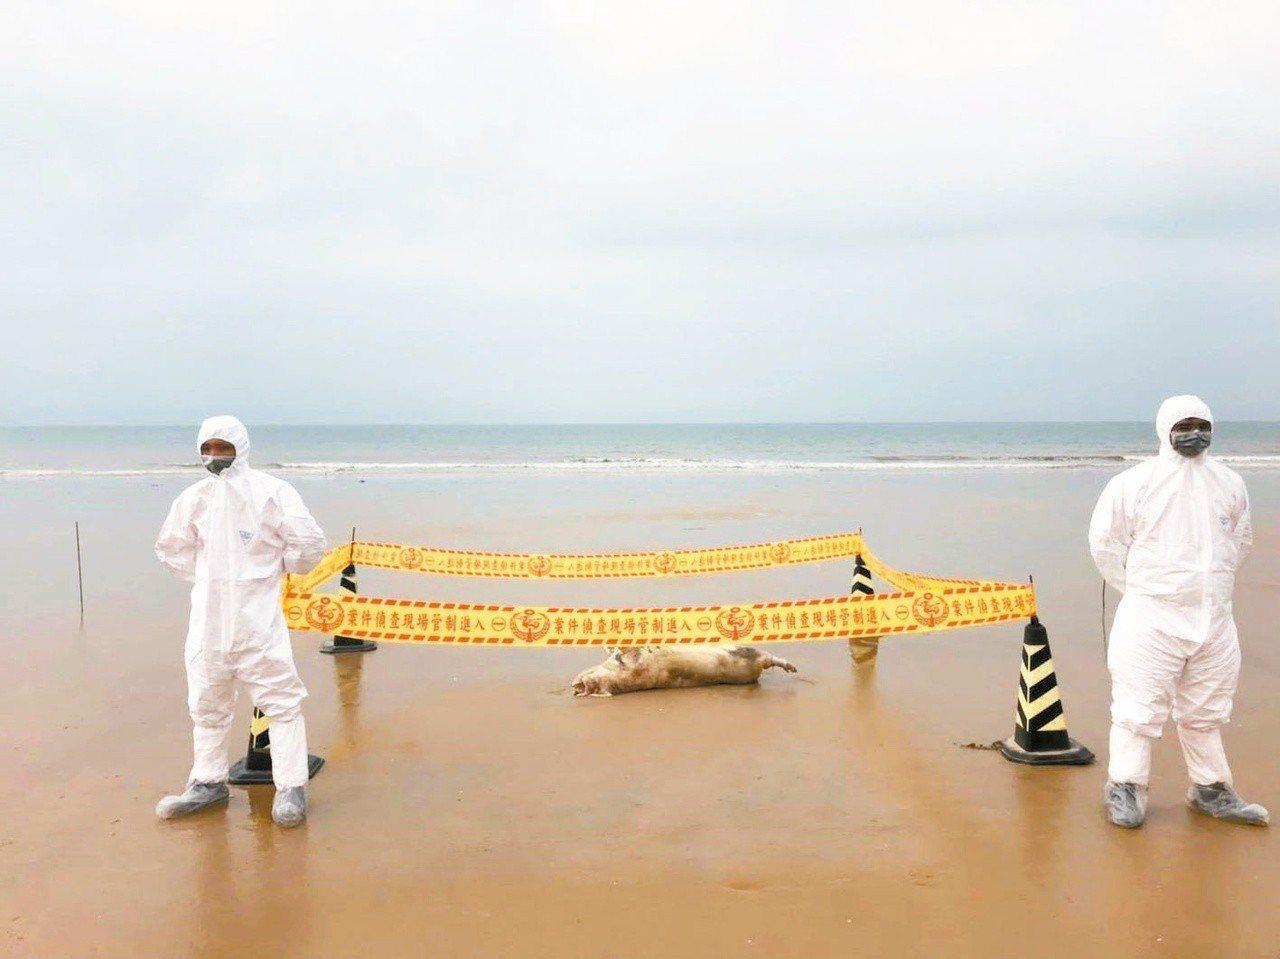 金門本周在岸際又發現2隻海漂豬屍,遭驗出非洲豬瘟病毒核酸陽性,圖為防疫人員處理情...